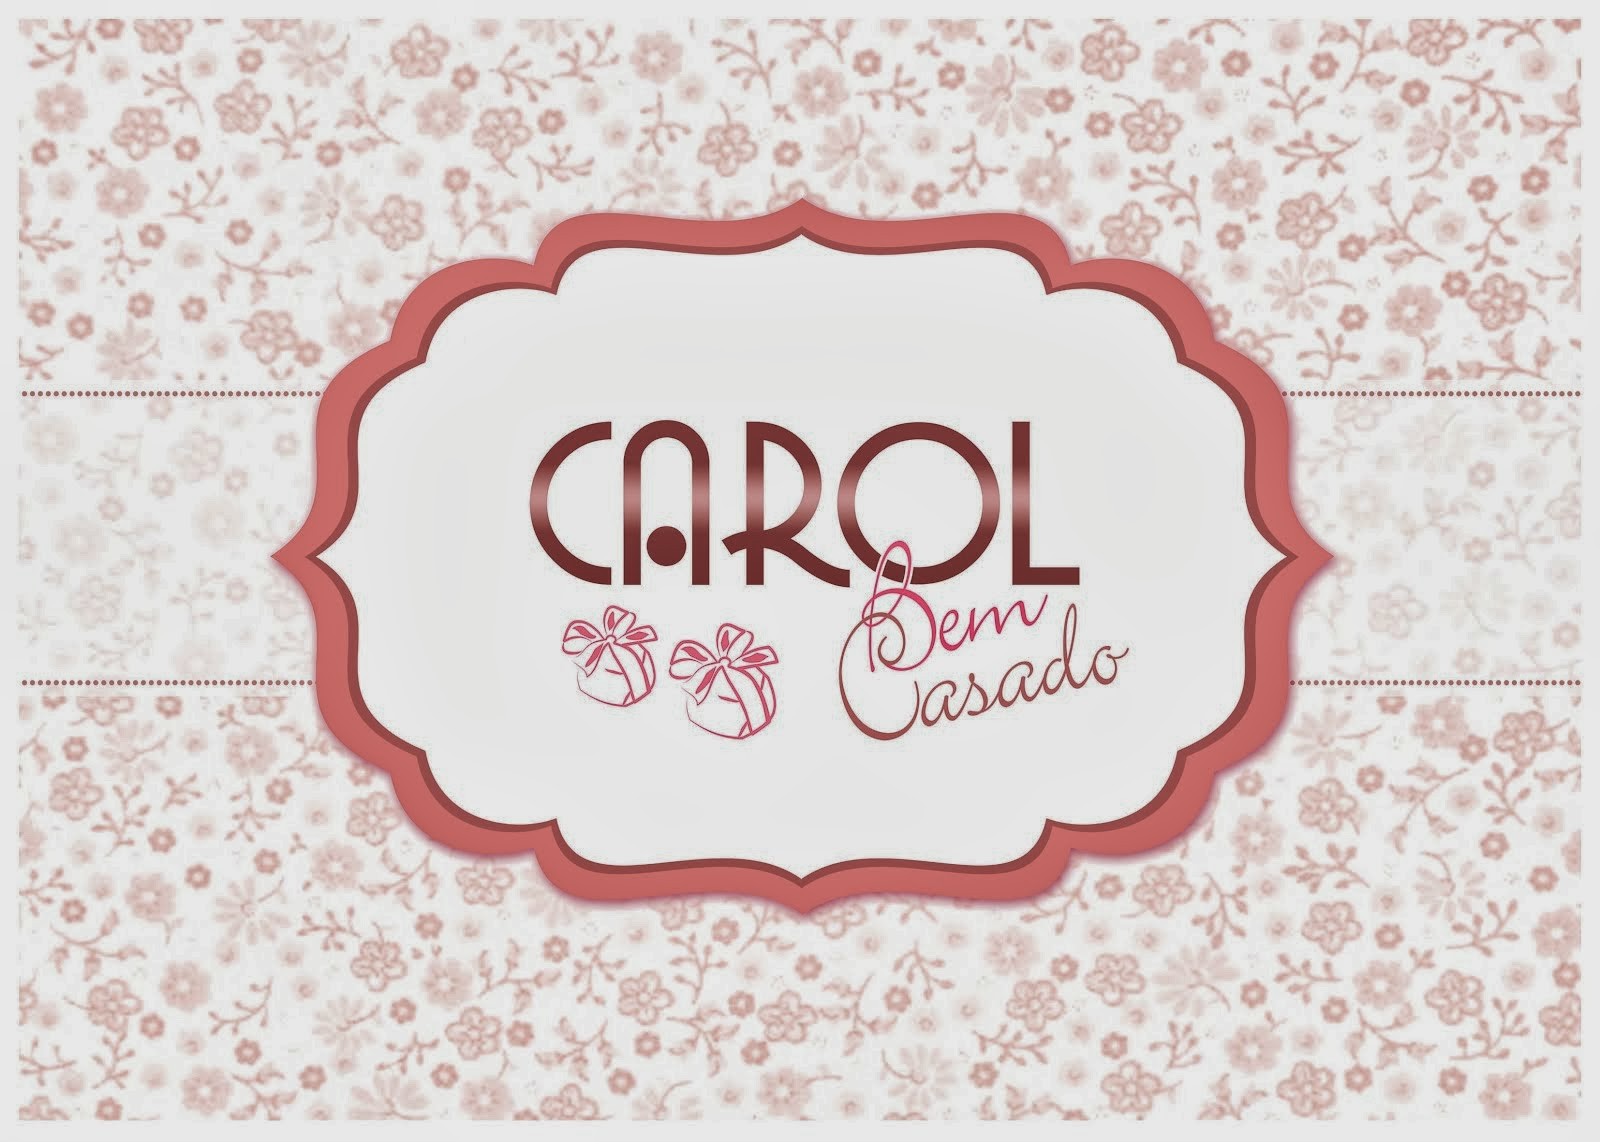 Site Carol Bem Casado